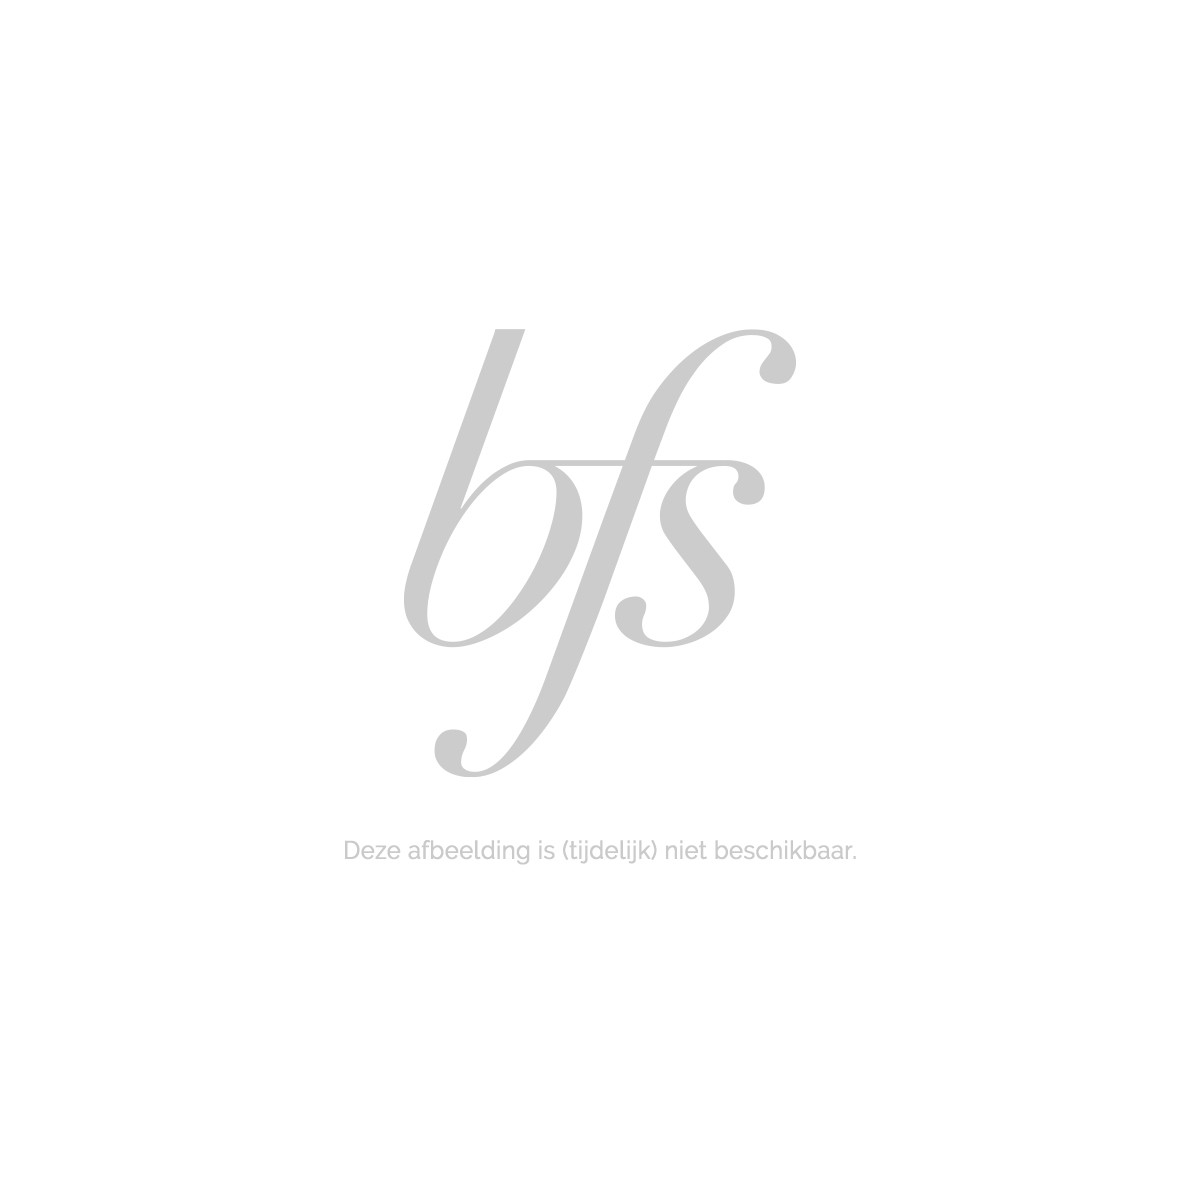 Pupa IM Matt Lipstick 052 Savage Cyclamen